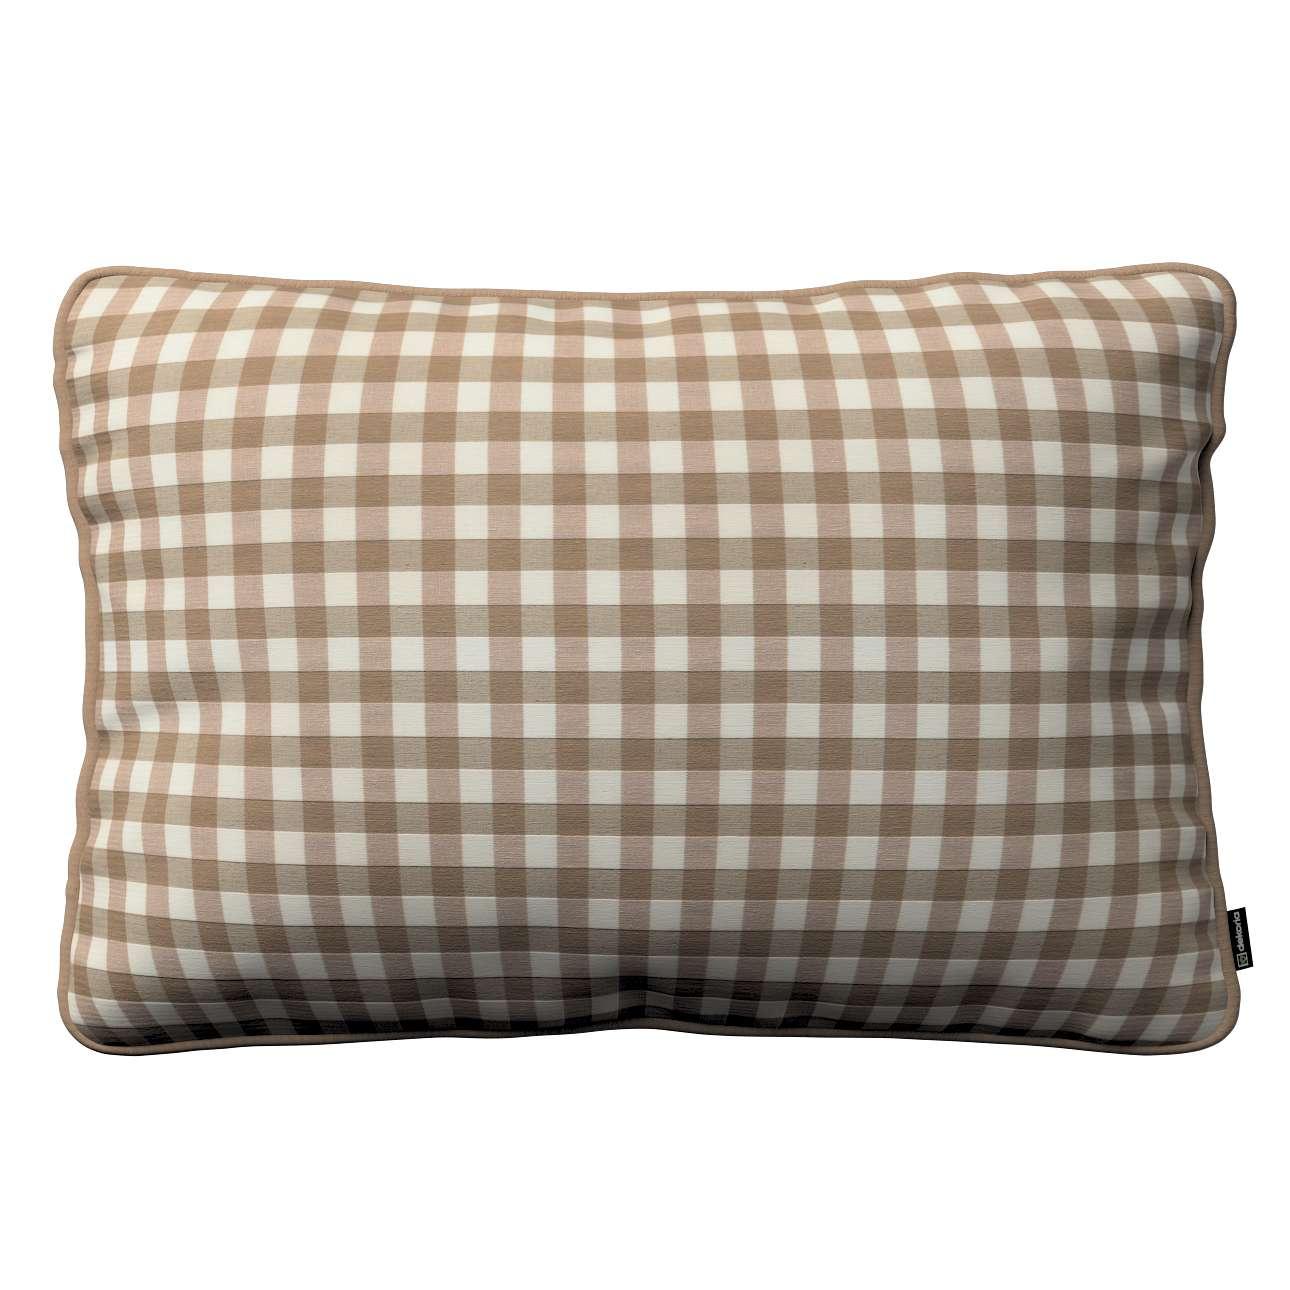 Poszewka Gabi na poduszkę prostokątna 60 x 40 cm w kolekcji Quadro, tkanina: 136-06